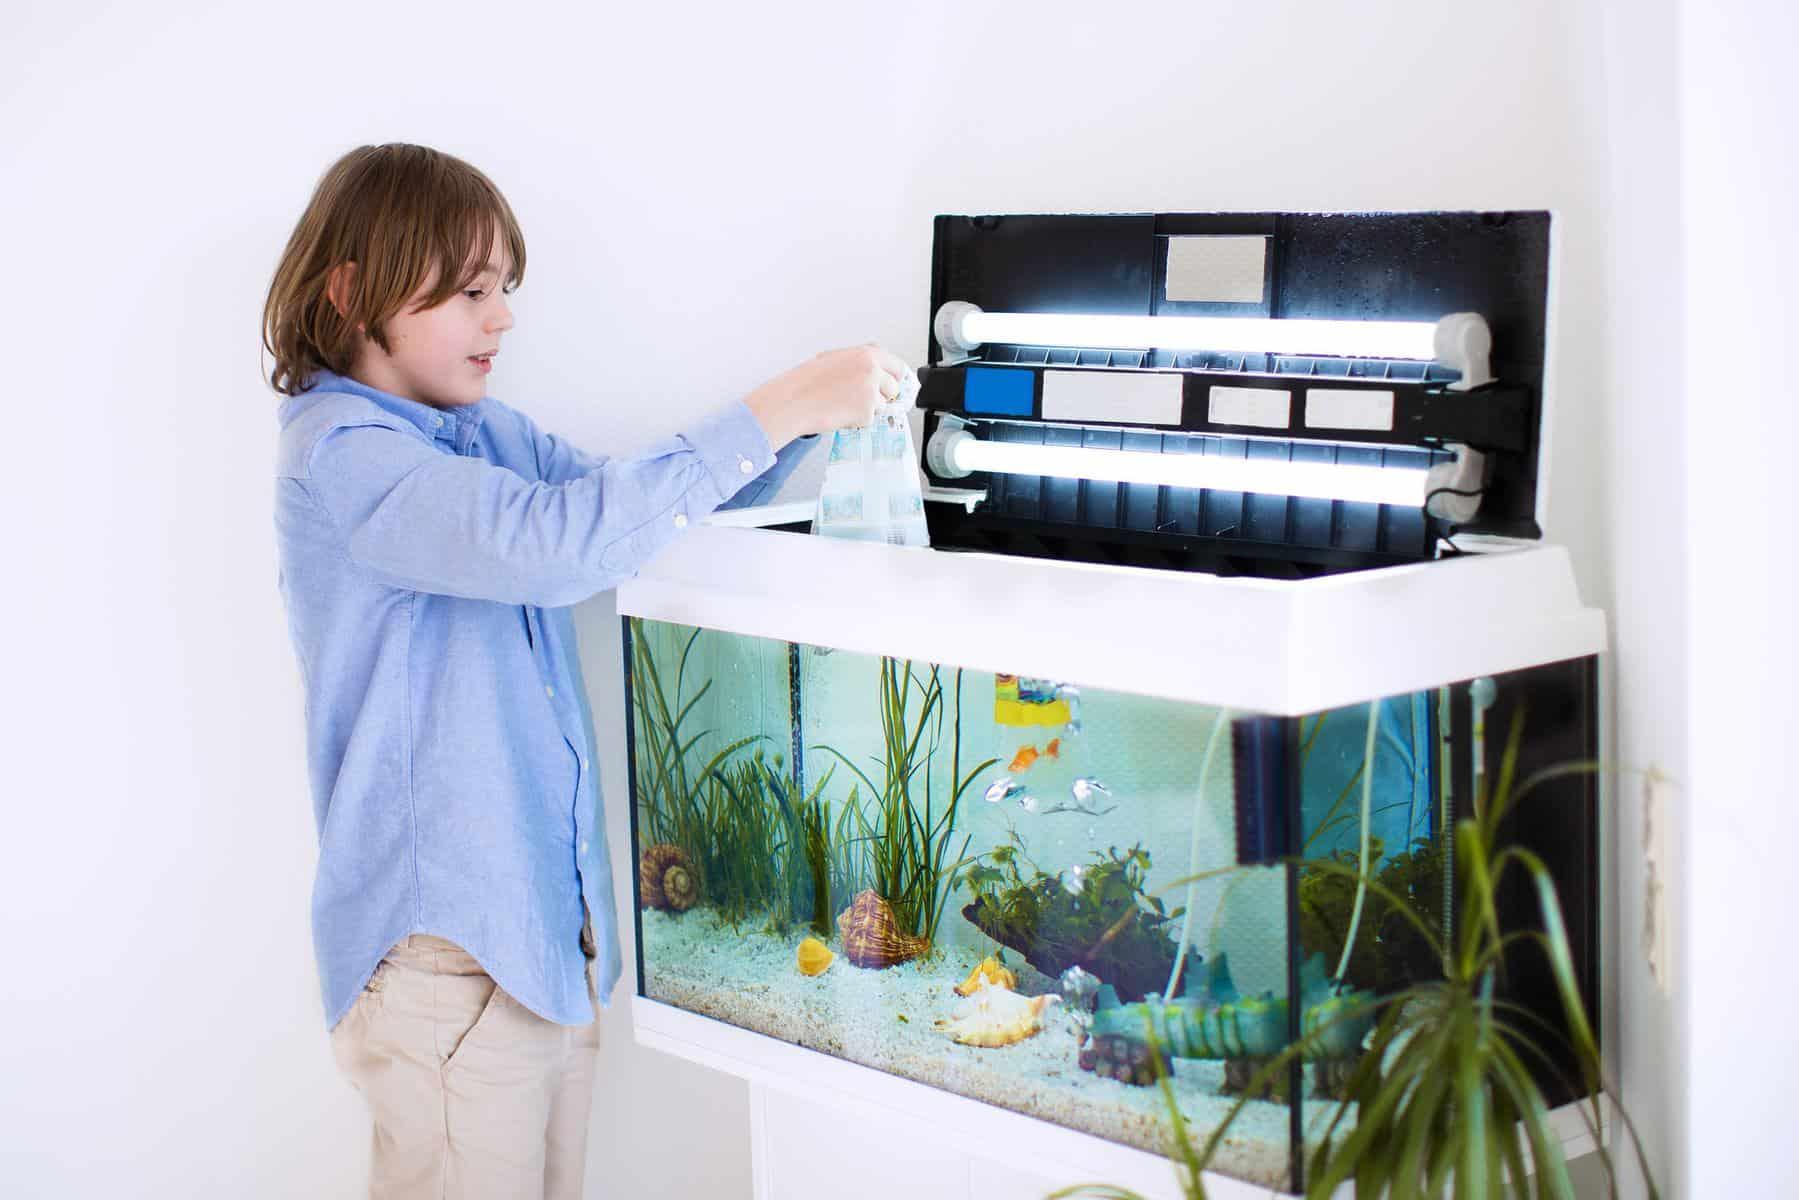 child putting distilled water in aquarium